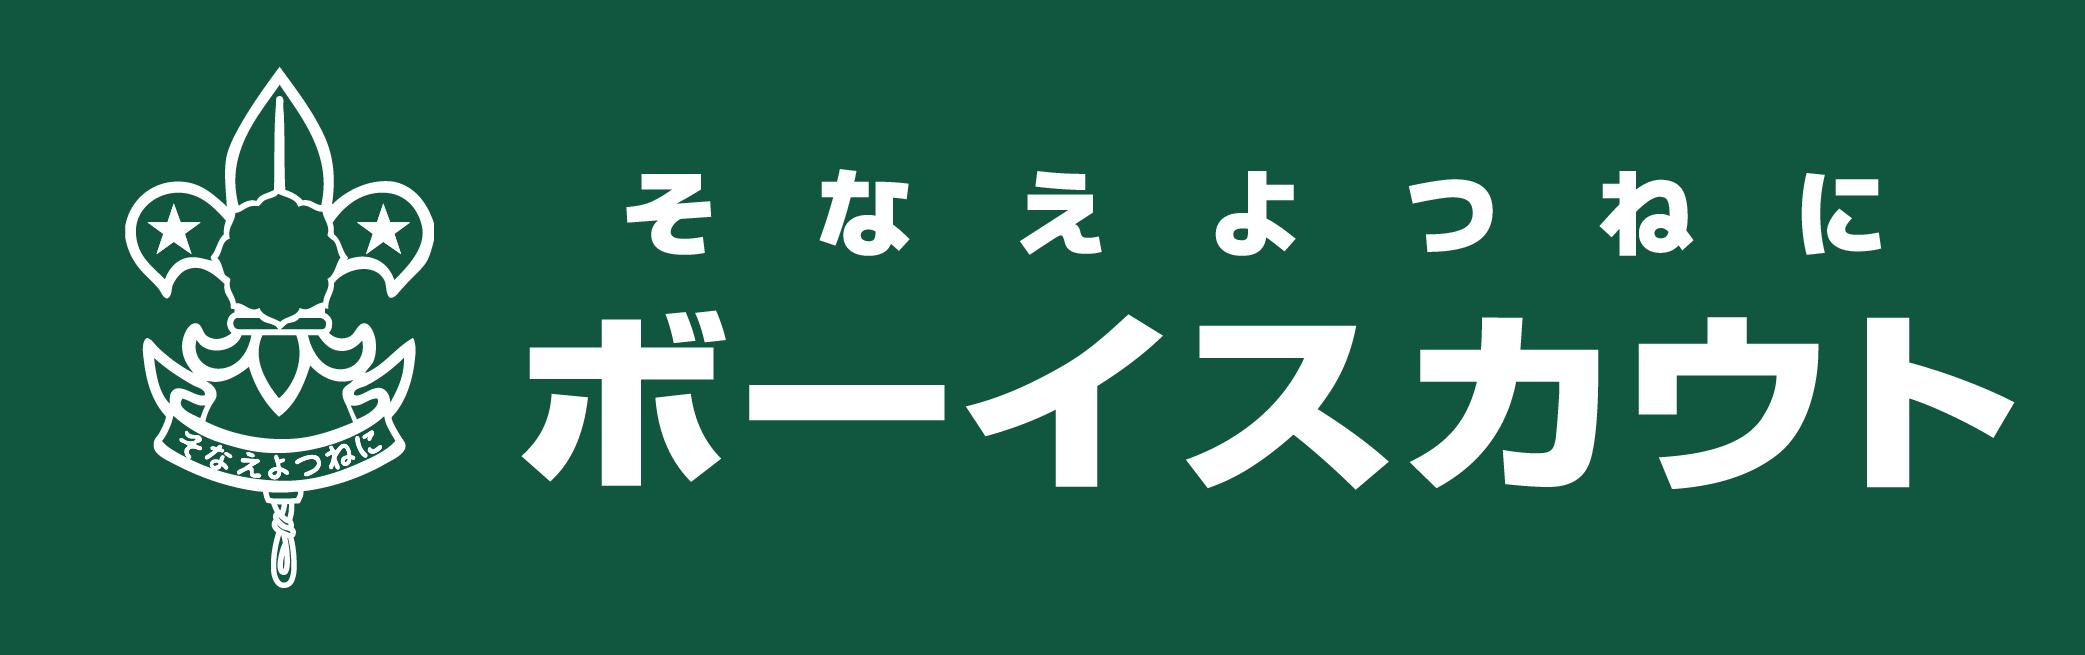 ボーイスカウト日本連盟